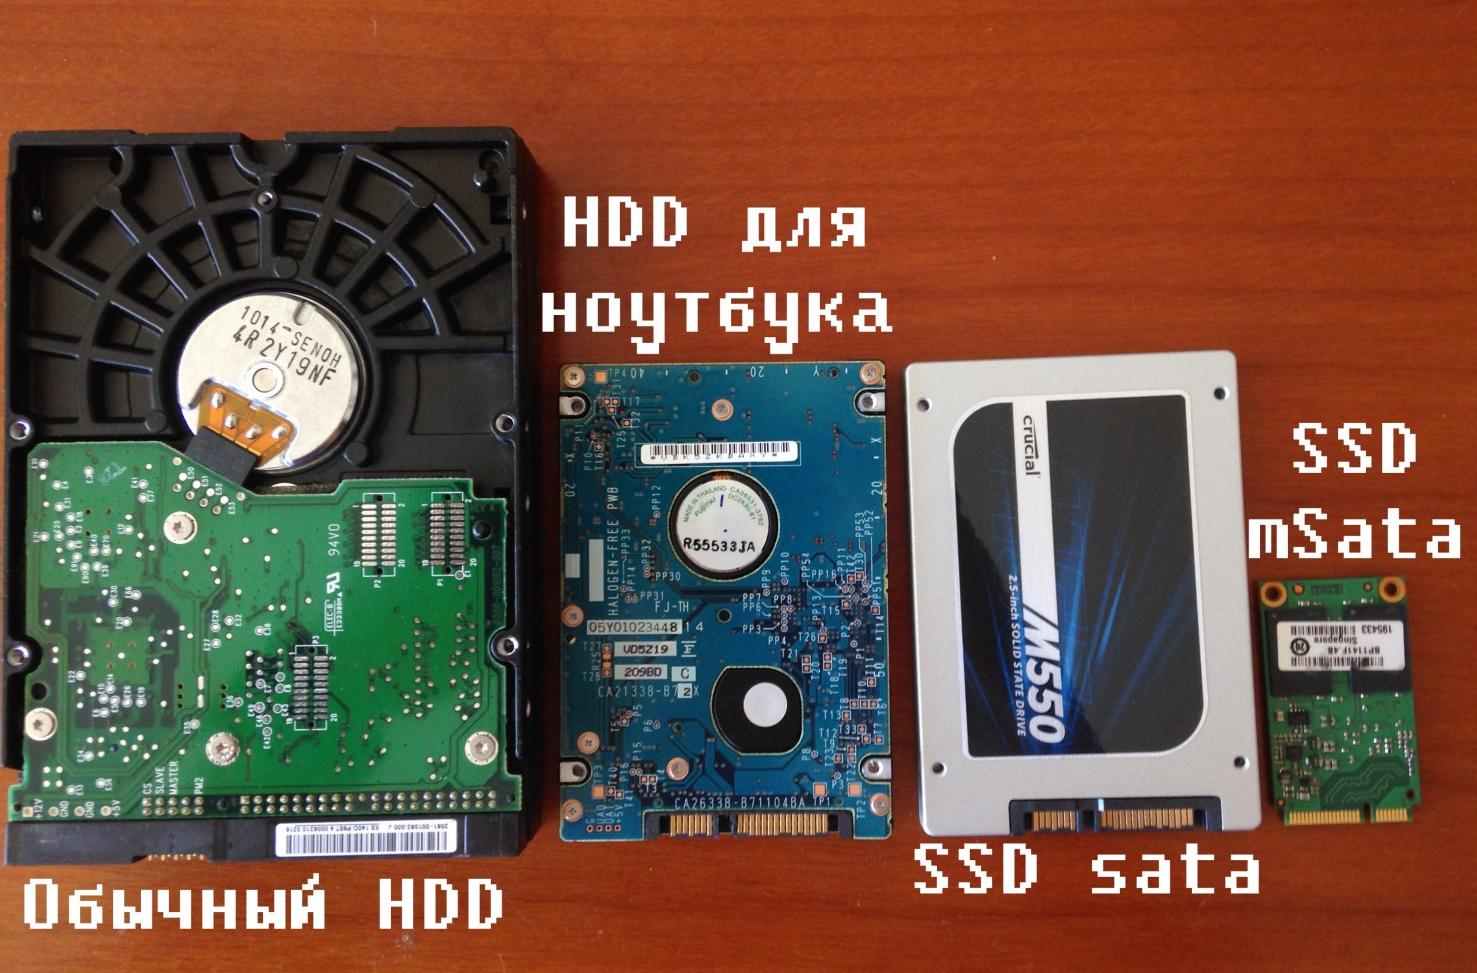 Рис.1. Сравнение размеров HDD и SSD